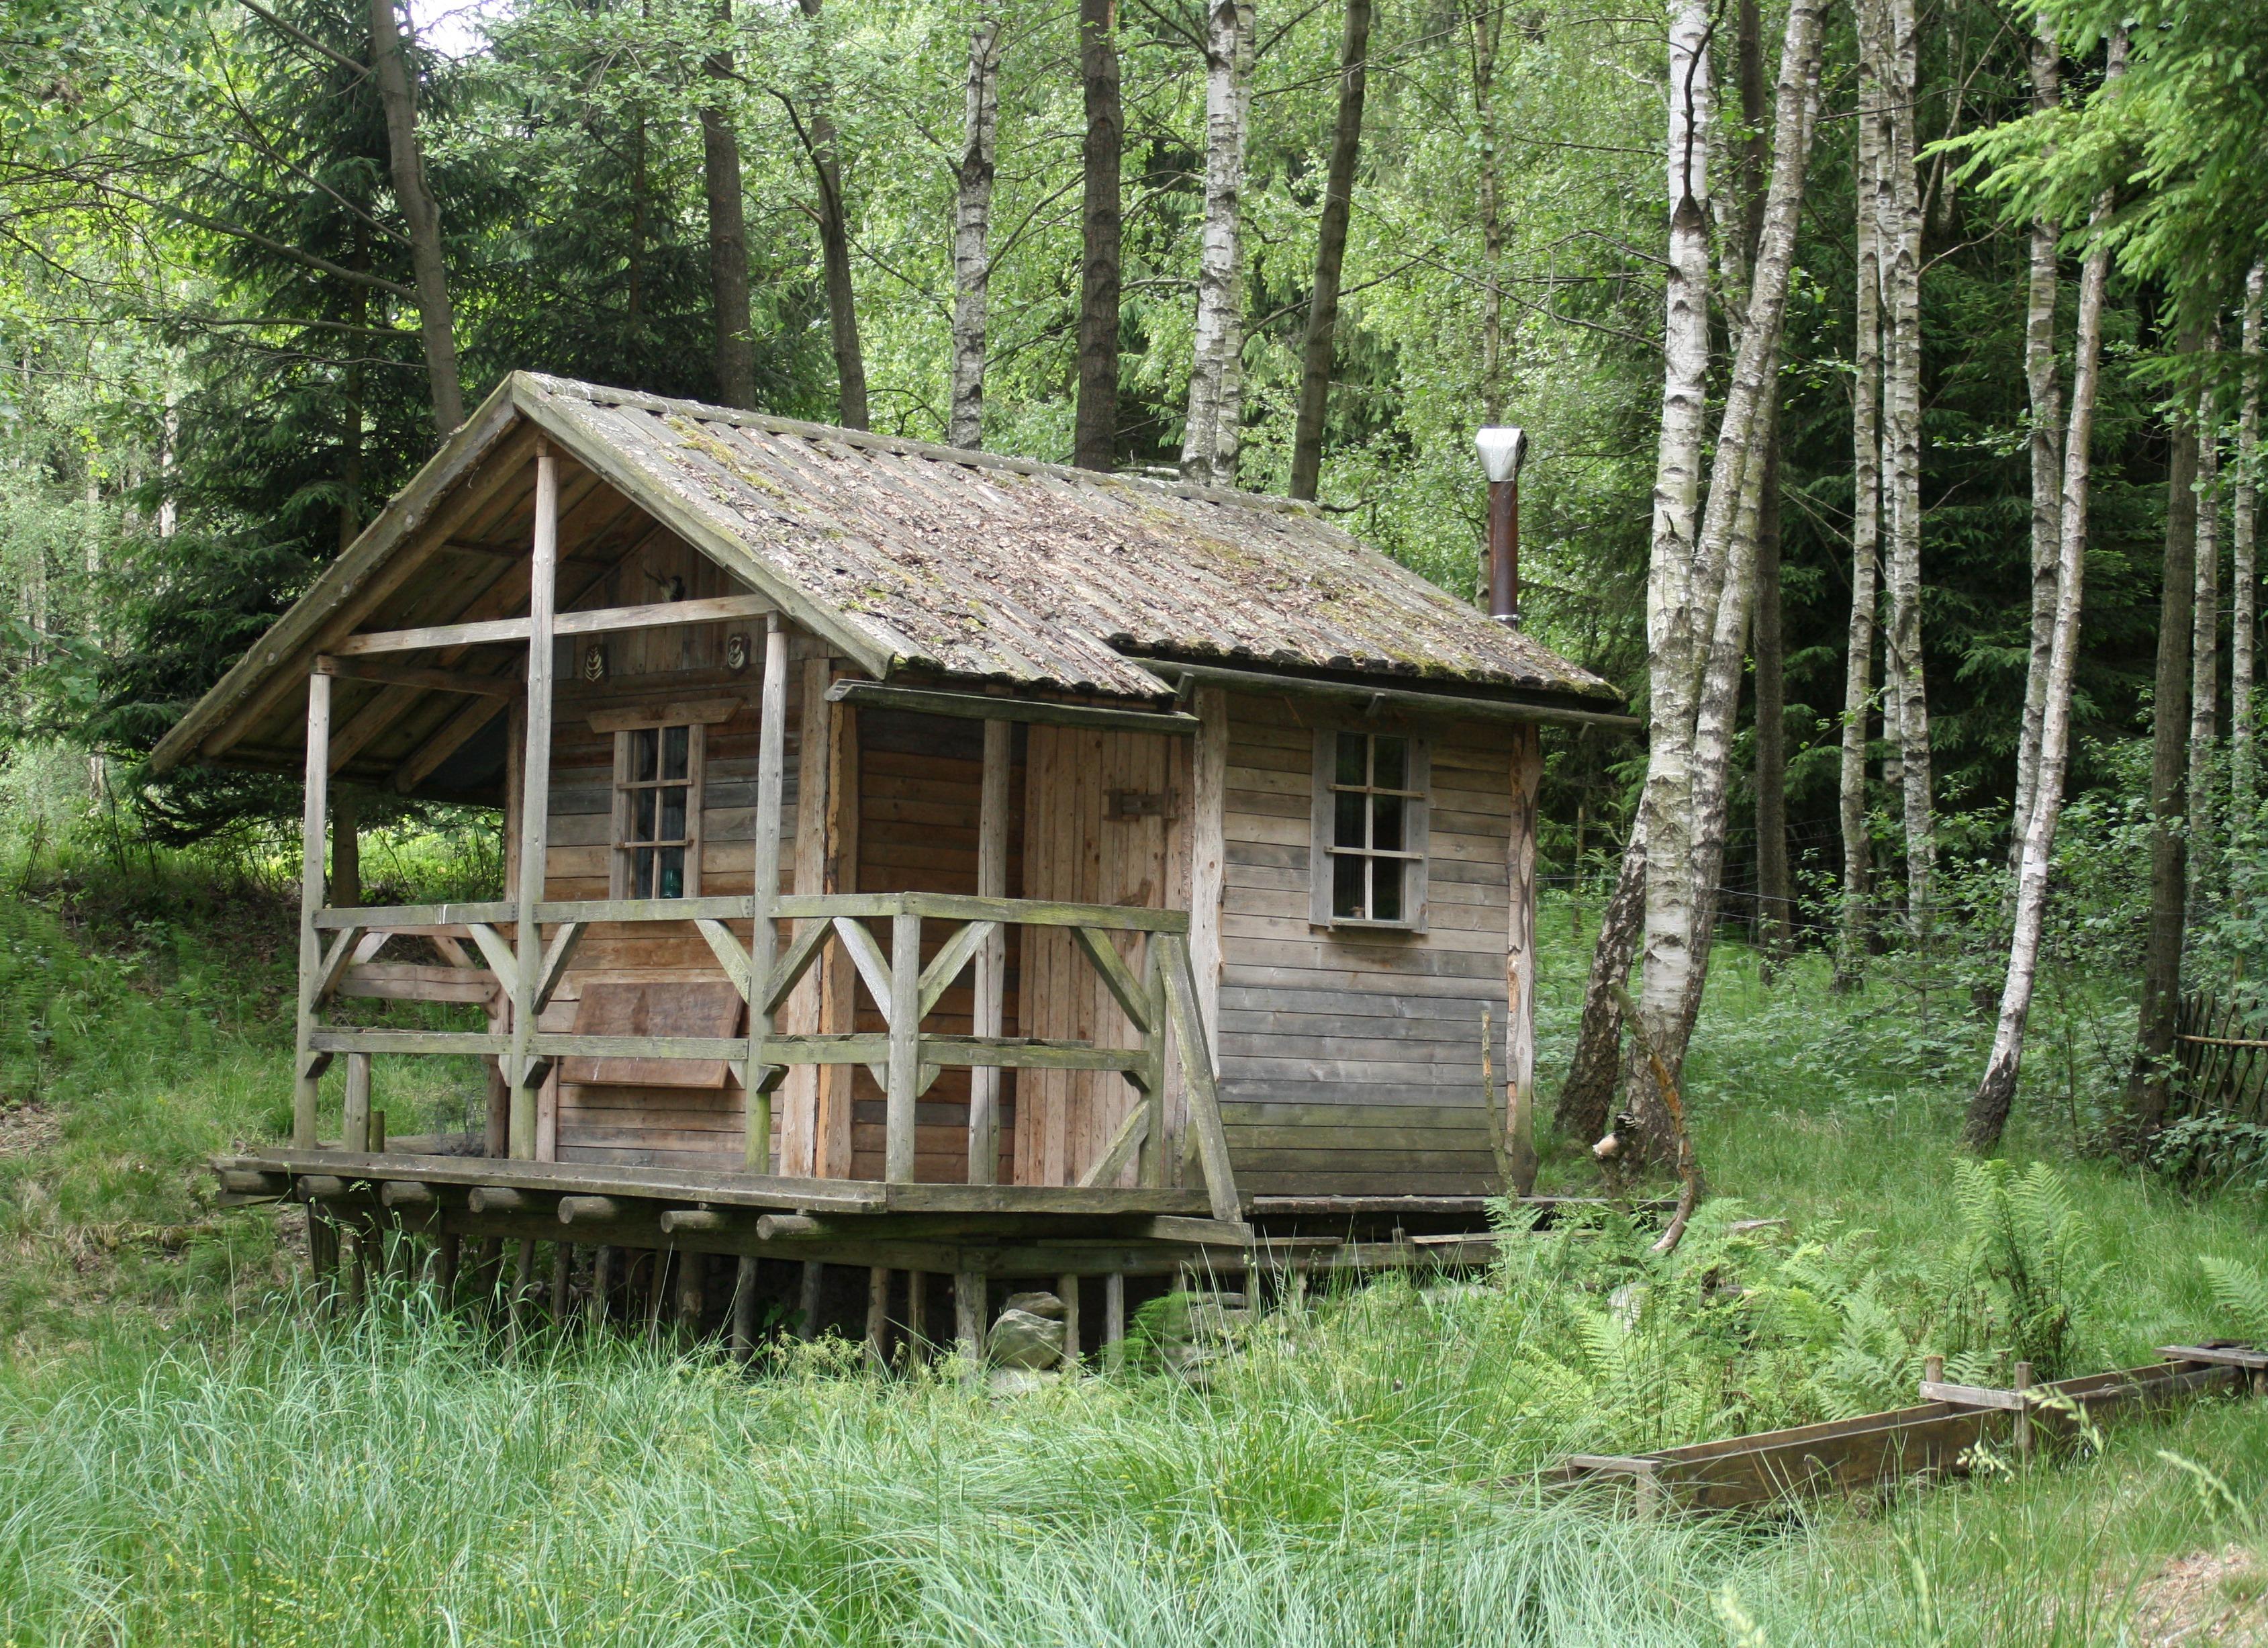 Images gratuites b timent cabanon jungle chalet poisson relaxation des bois cabane en for Construction de maison rurale